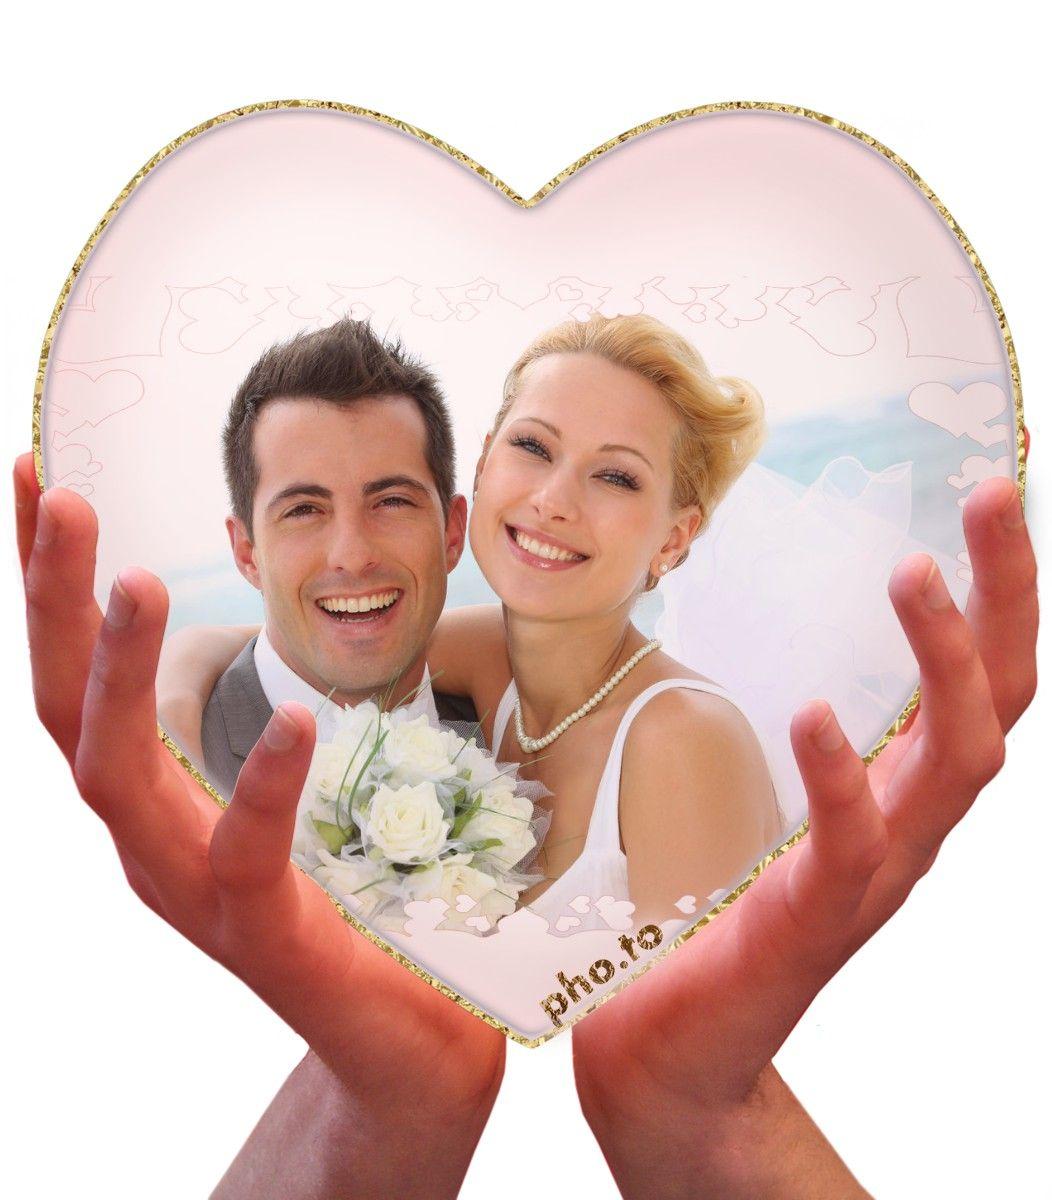 heart photo ♥ ♥♥♥♥ ❤ ❥❤ ❥❤ ❥♥♥♥♥ | ♥♥♥♥♥ Heart ...